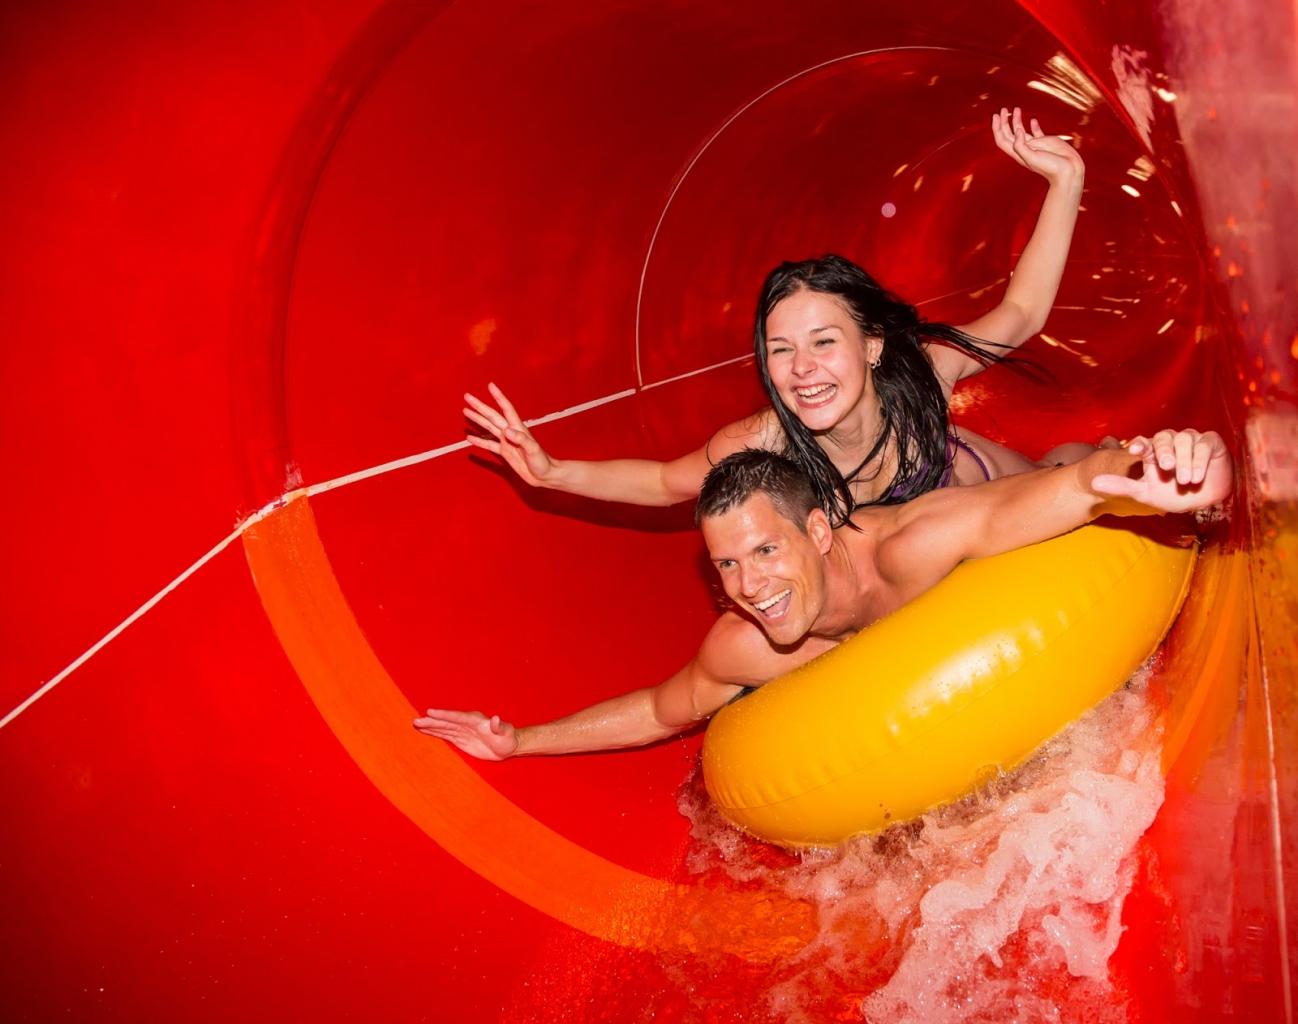 Ein beliebtes Freizeitprogramm in München sind die Wasserrutschen im Galaxy Erding